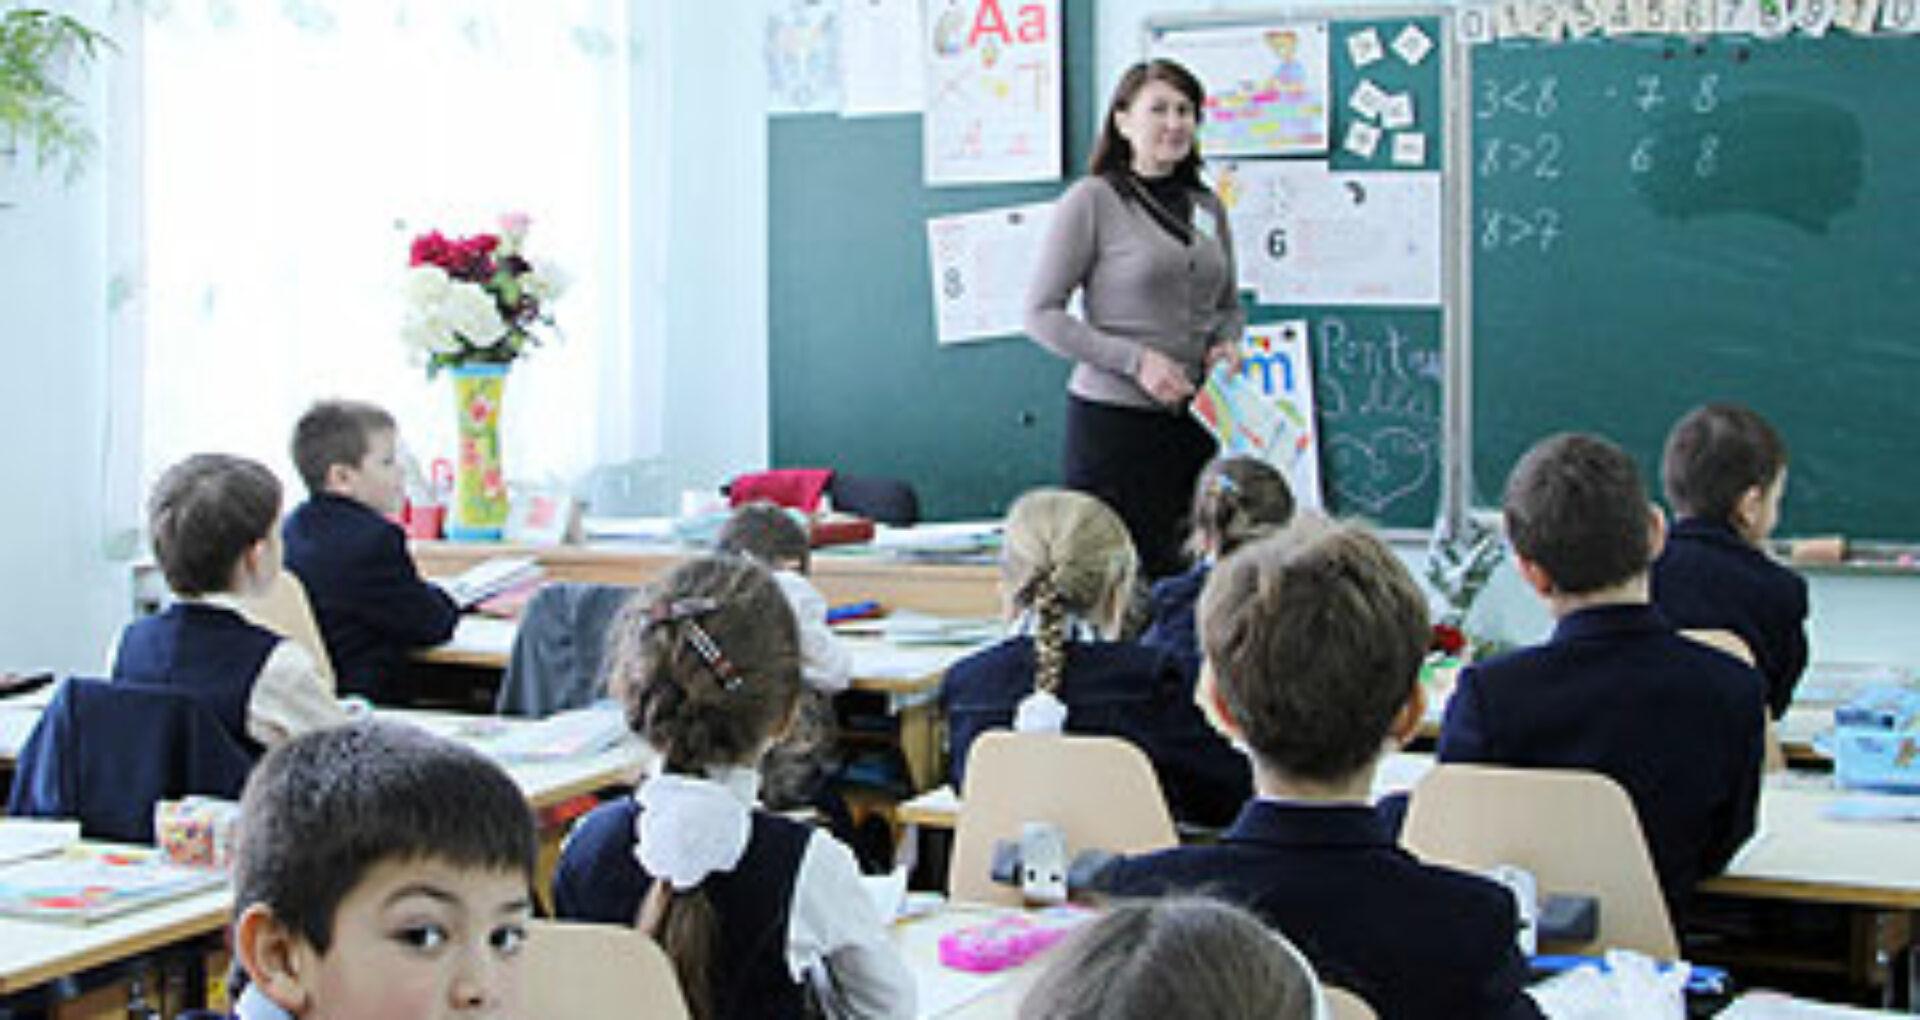 Salariile profesorilor și educatorilor nu vor fi tăiate în urma sistării procesului educțional